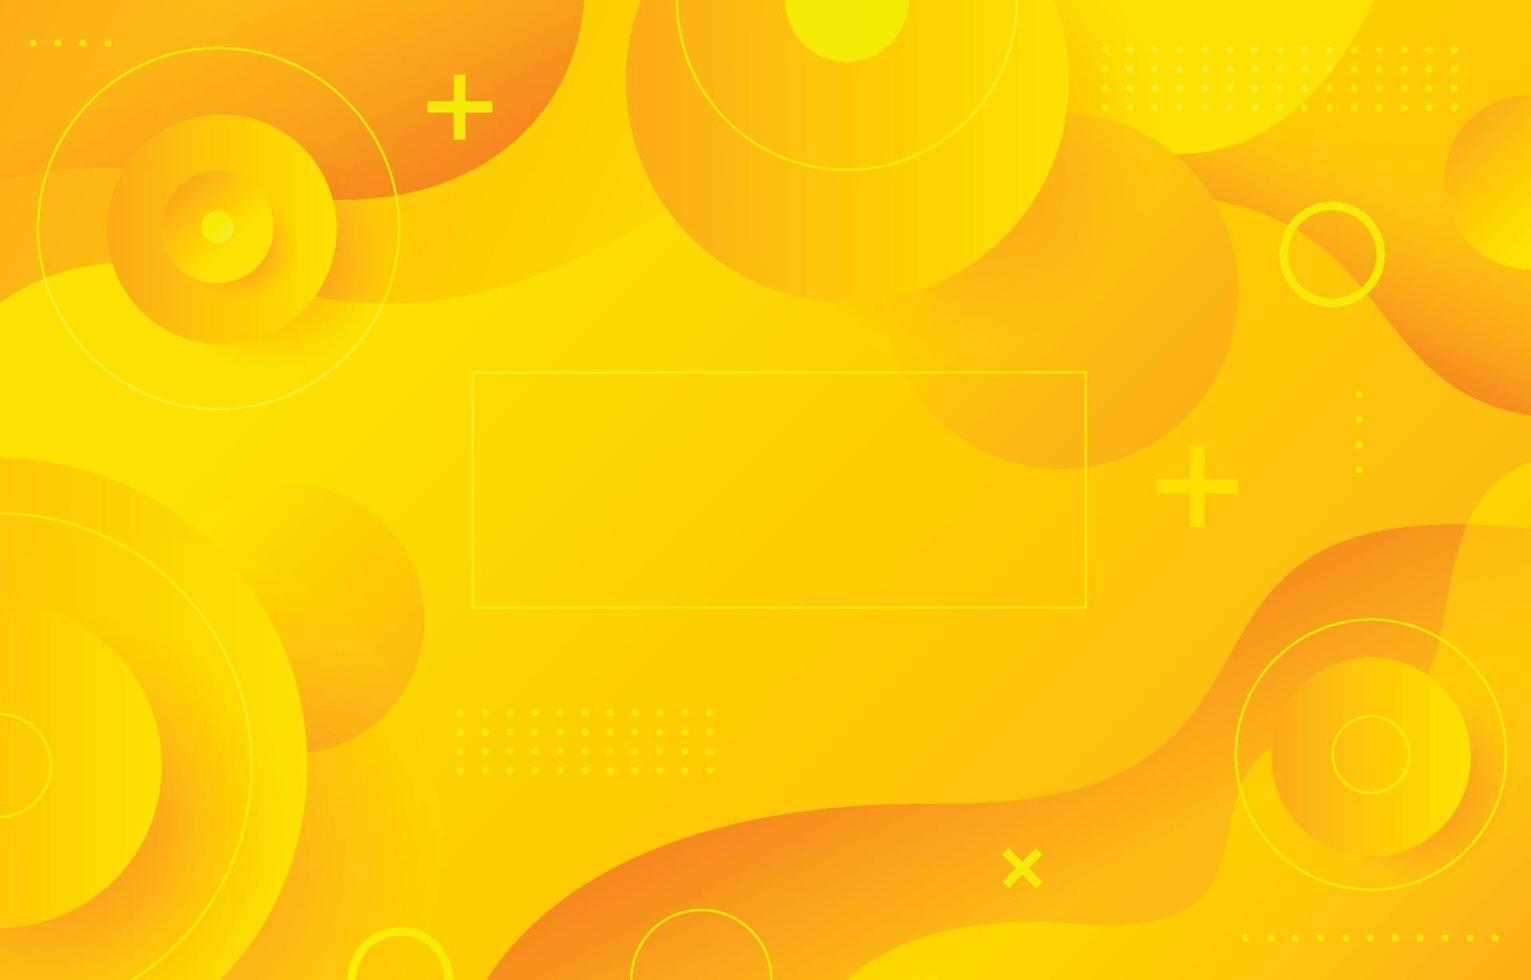 sfondo giallo brillante vettore